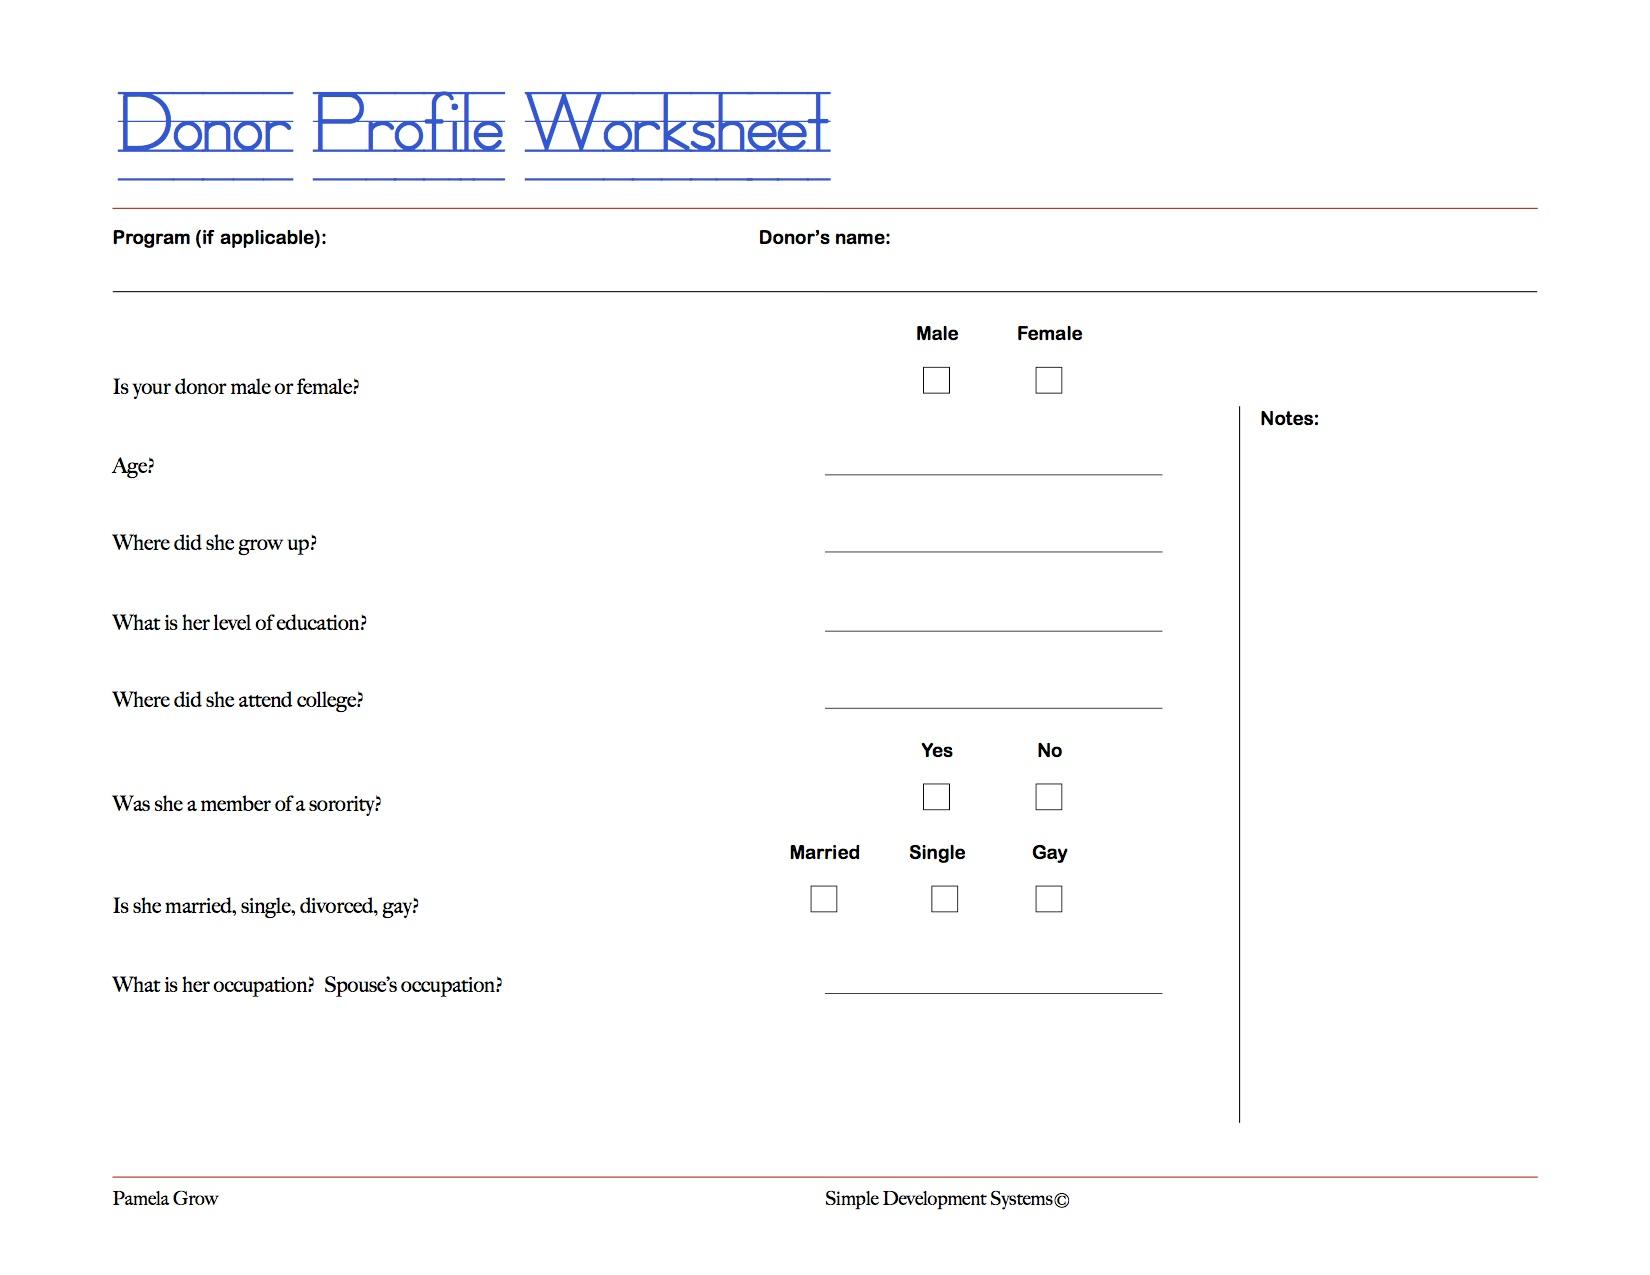 Donorprofile Worksheet